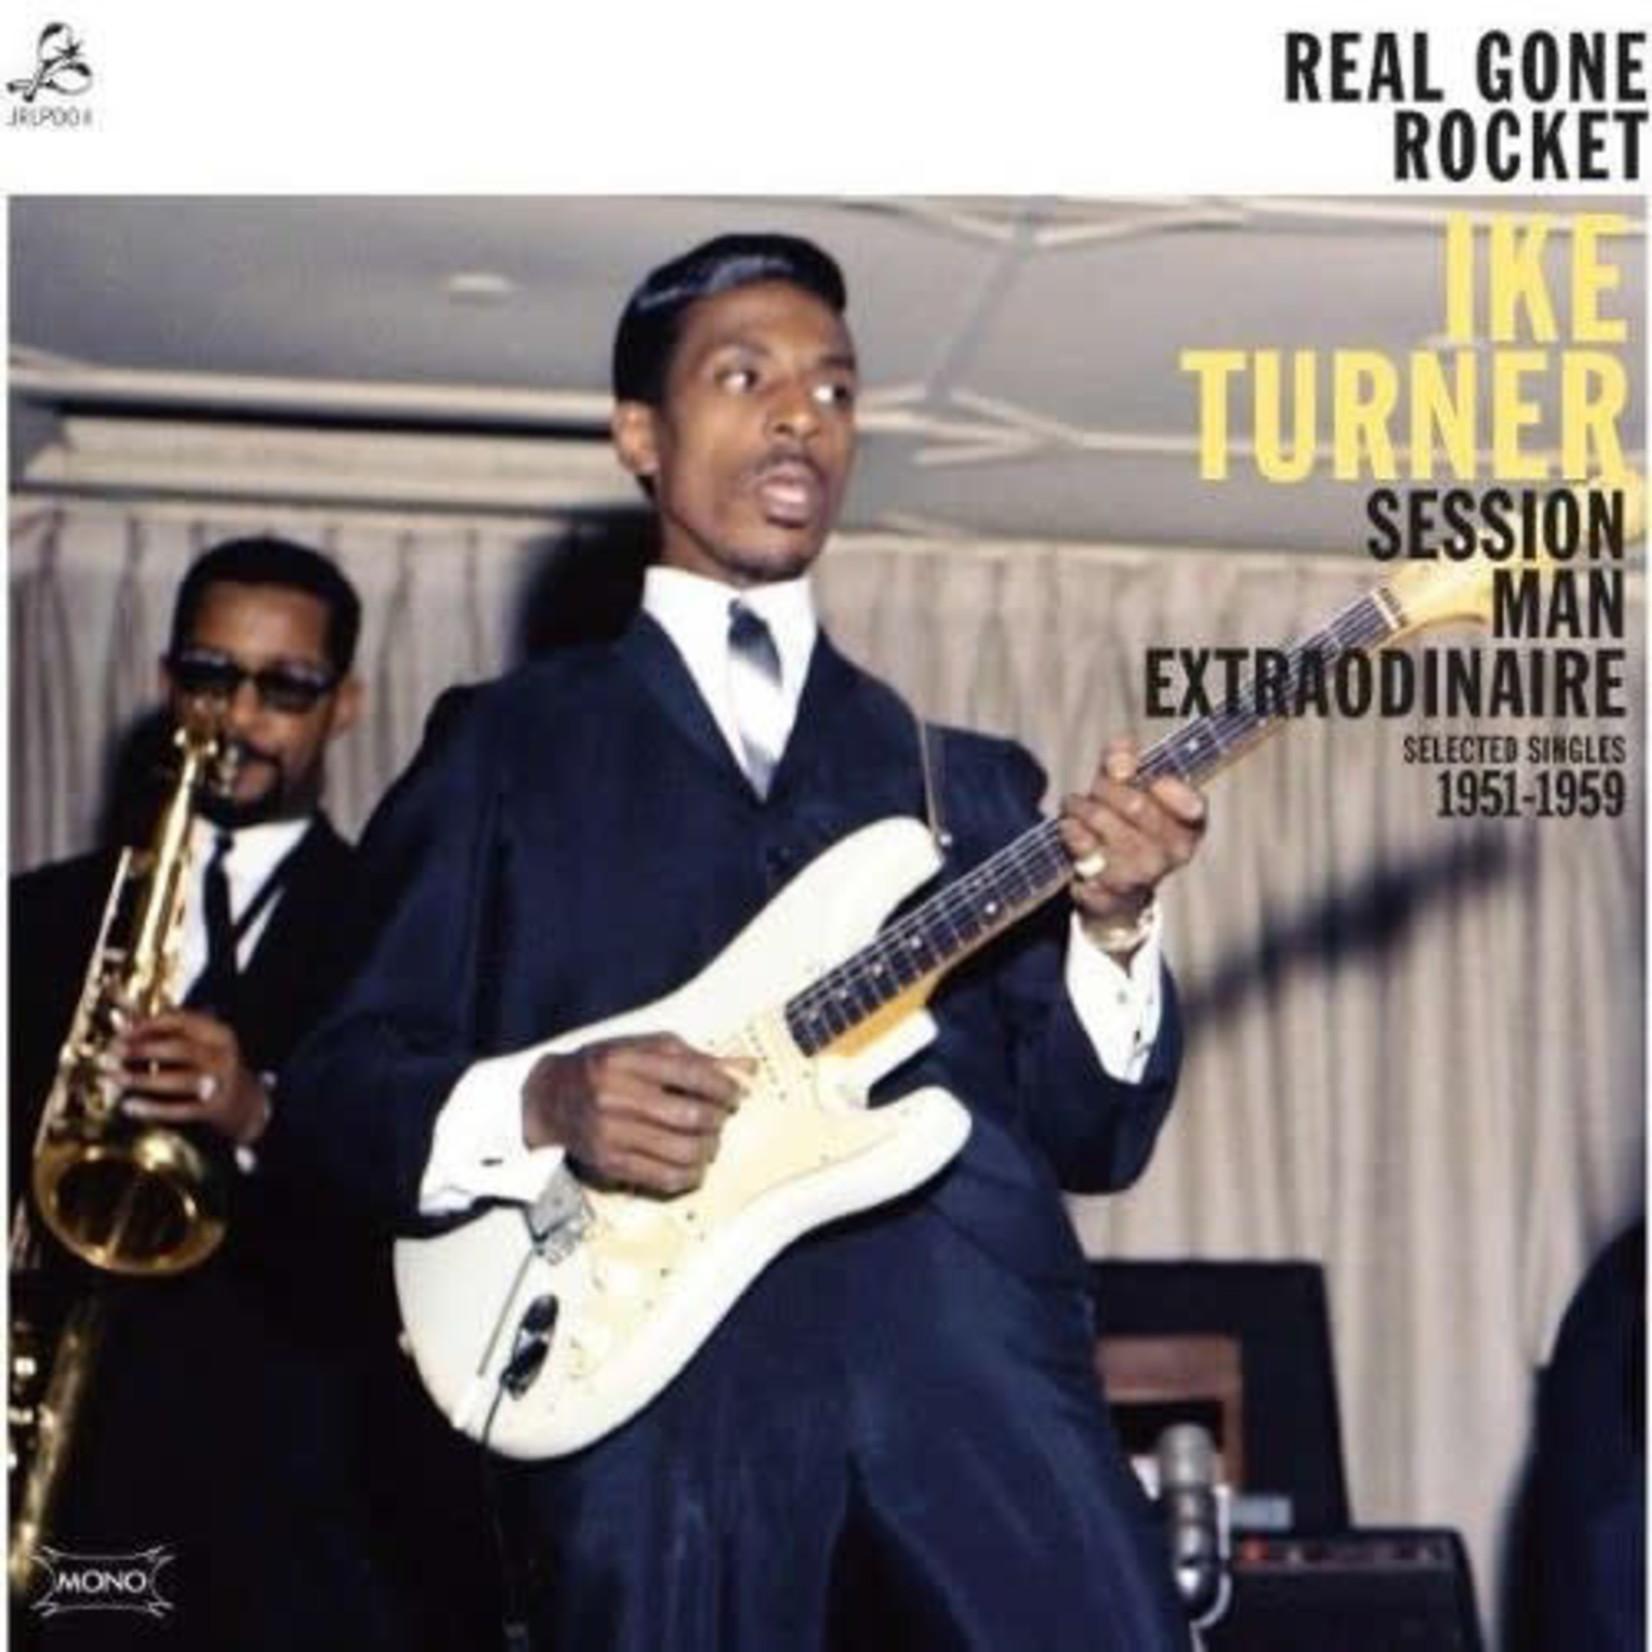 Vinyl Ike Turner - Session Man Extraordinaire 1951-1959